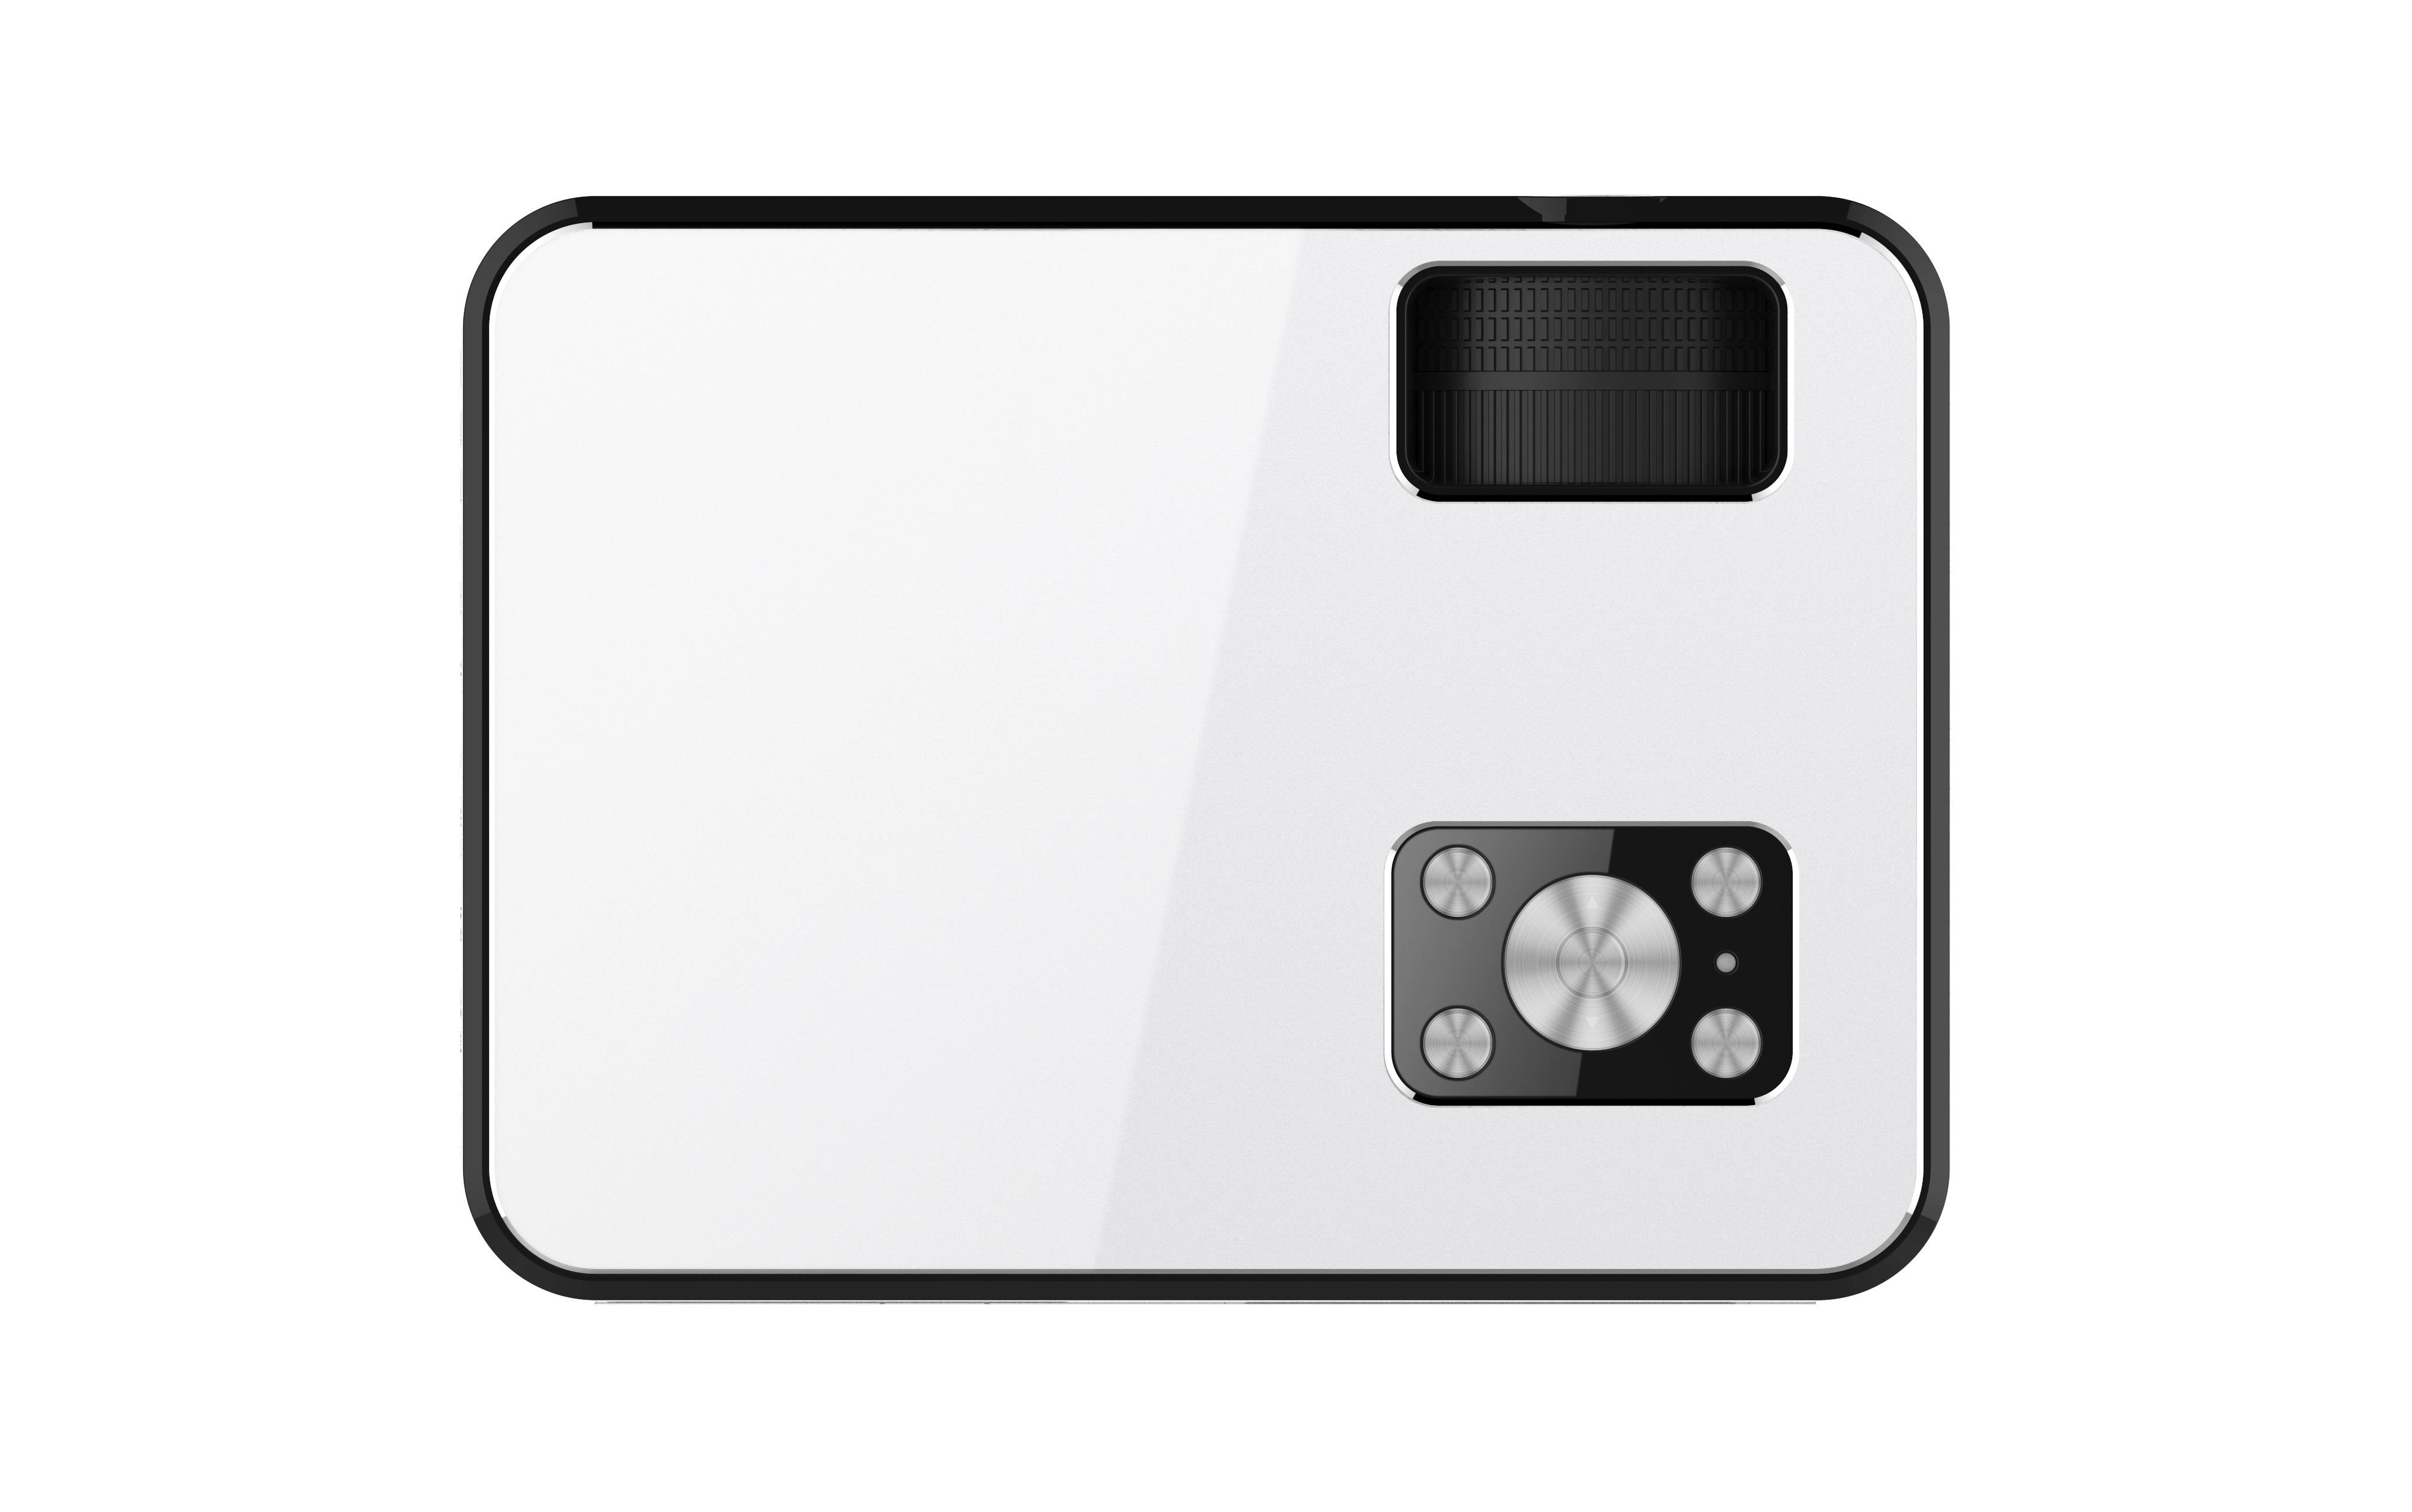 Máy chiếu  Android 6.0 projector Cheerlux C9  kết nối WIFI, Bluetooth, kết nối không dây với điện thoại, điều chỉnh vuông hình keystone 4 chiều, xem nét 100 inch. Hàng chính hãng.